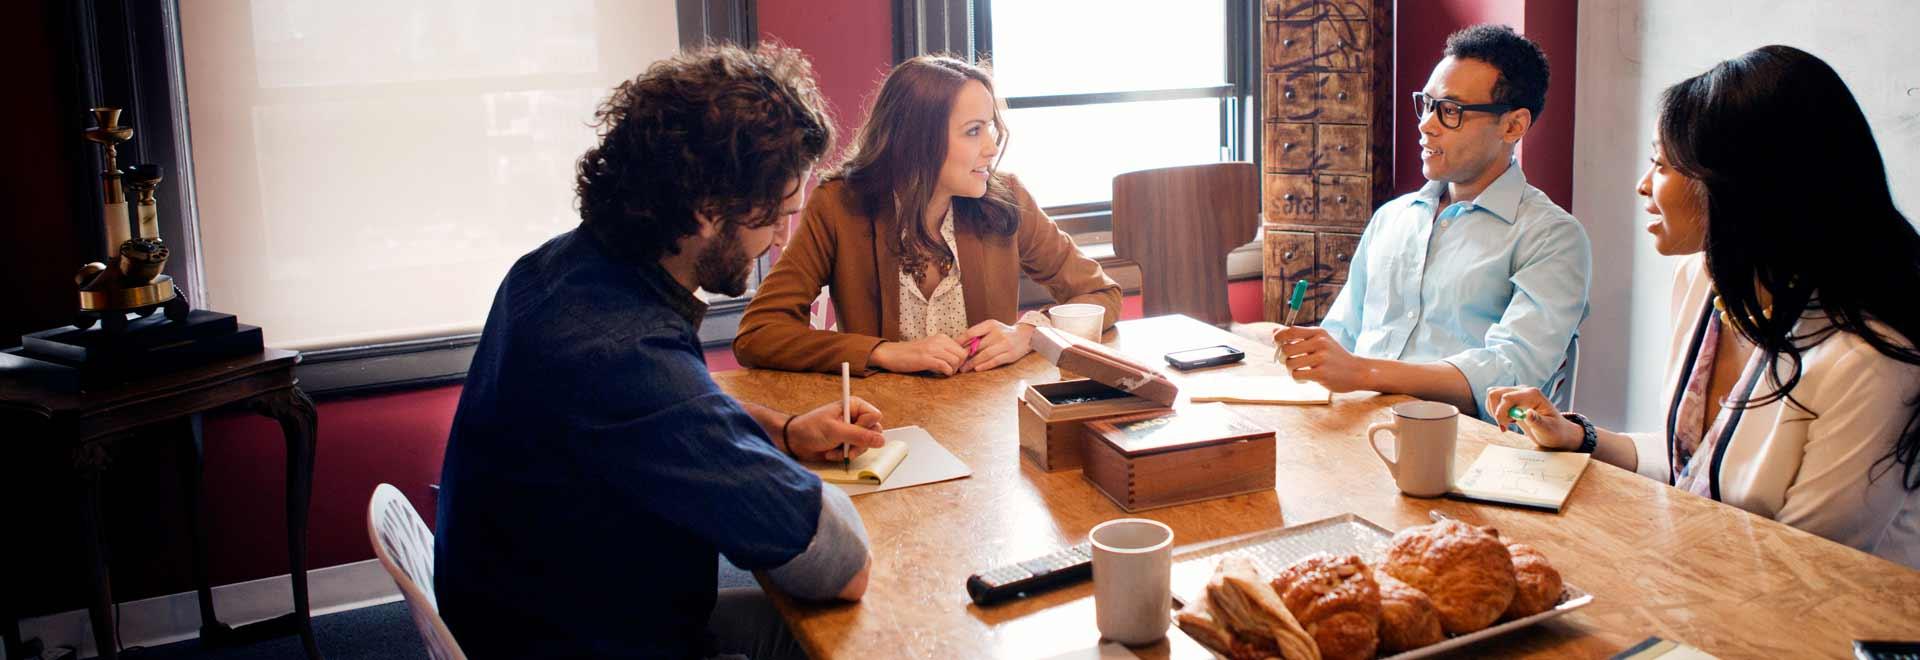 Office 365 Enterprise E3 का उपयोग करके किसी office में कार्य करते हुए चार लोग.